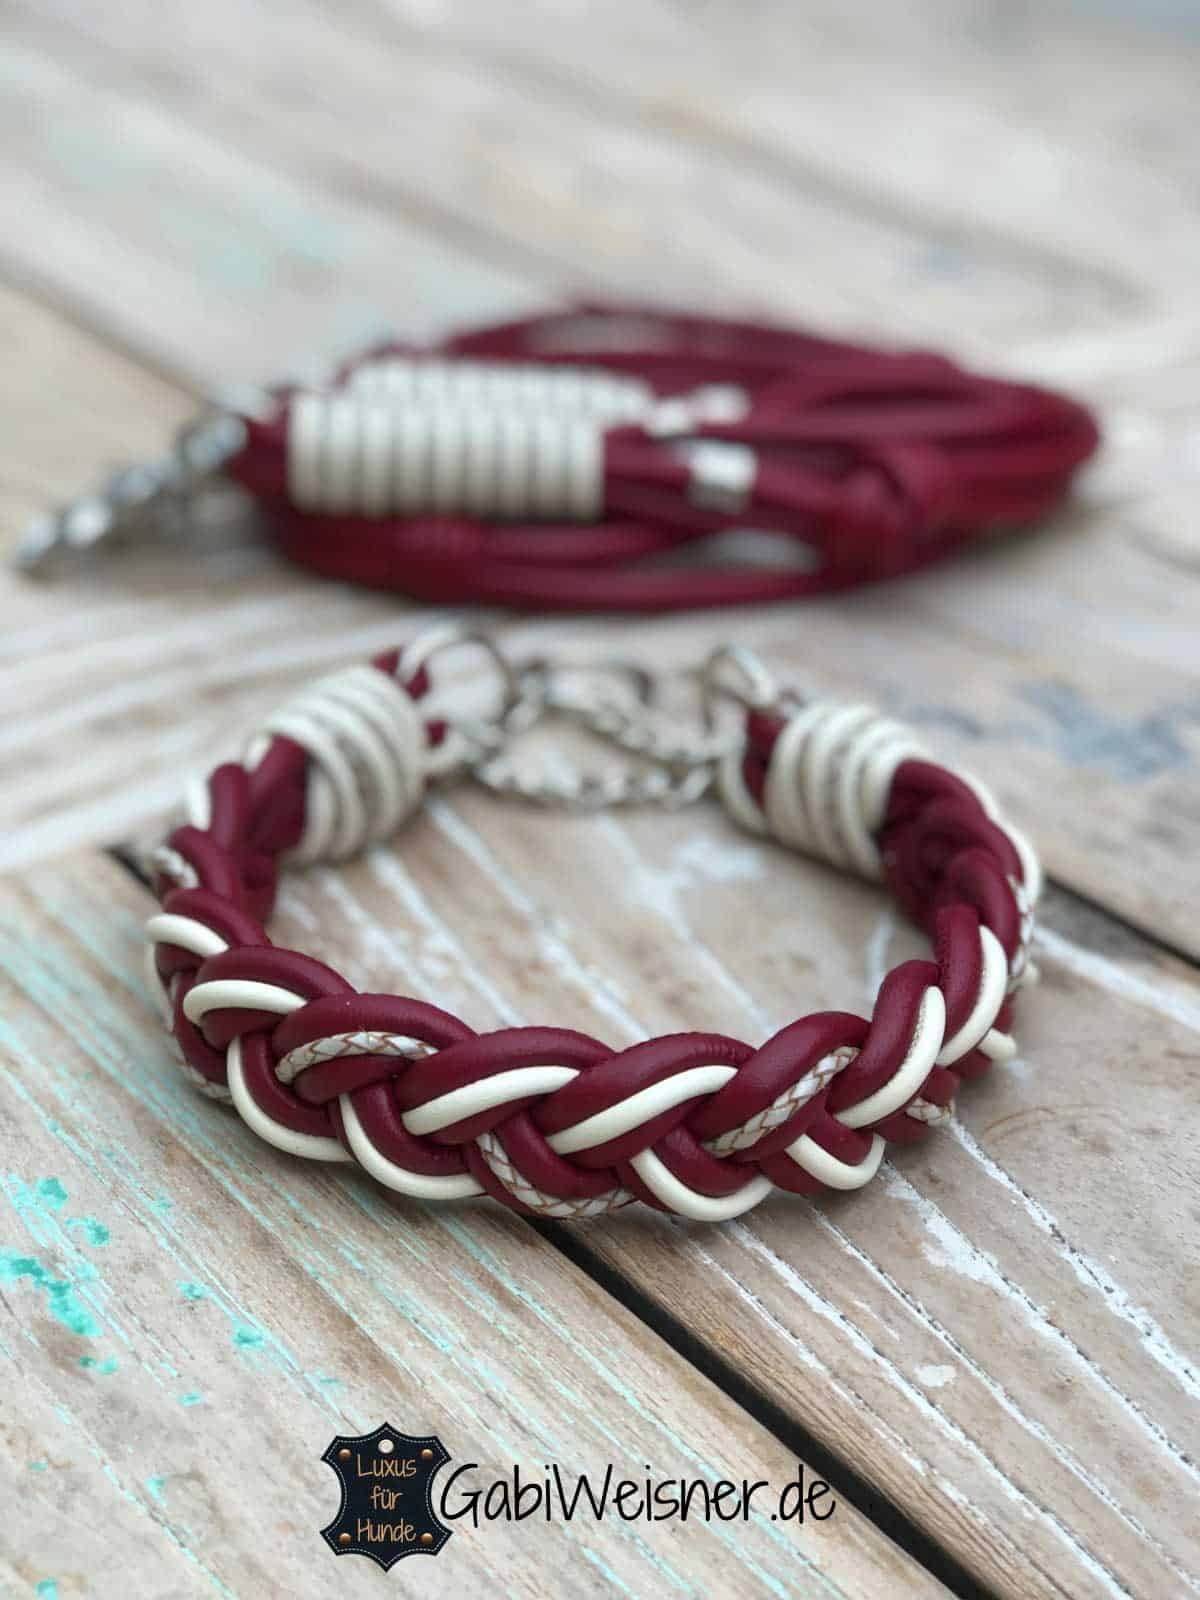 Hundeleine und Halsband im SET aus Leder in Dunkelrot und bestückt mit Edelstahl-Beschlag. Luxus für mittelgroße Hunde. Leder Mix 3,5 cm breit geflochten.